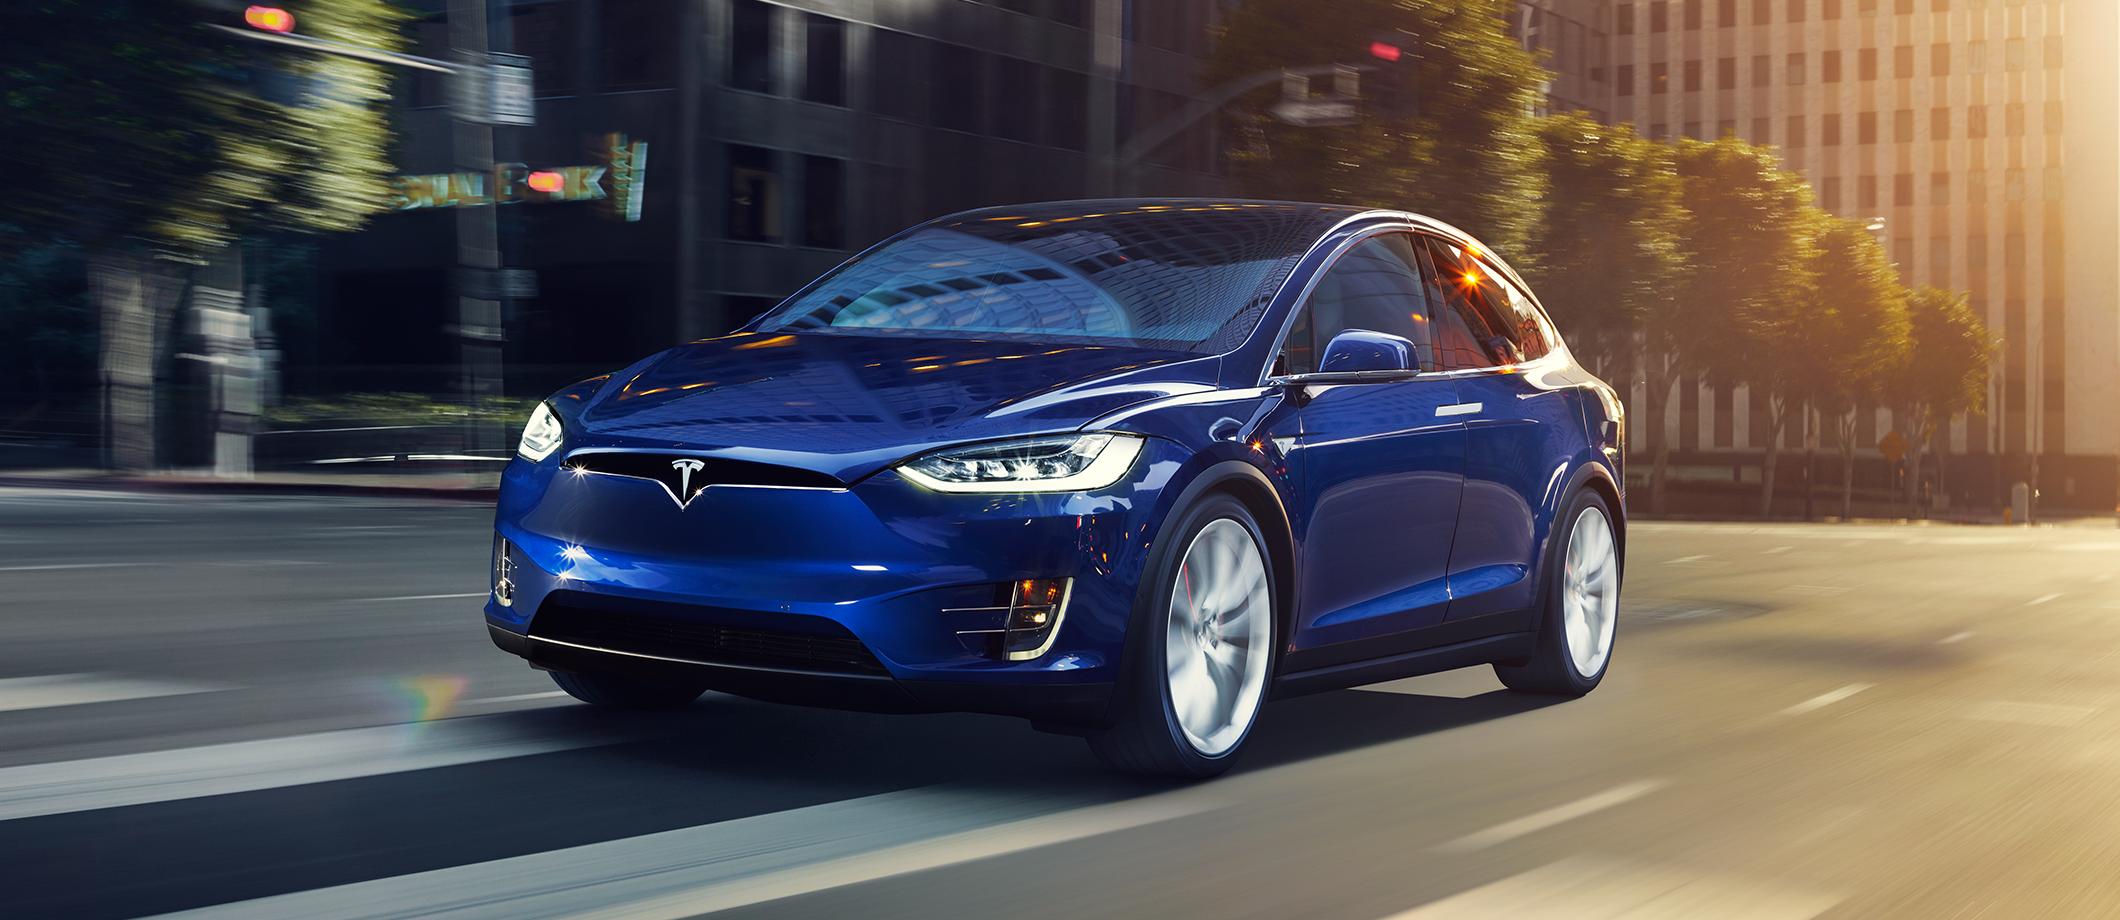 Model X in blue